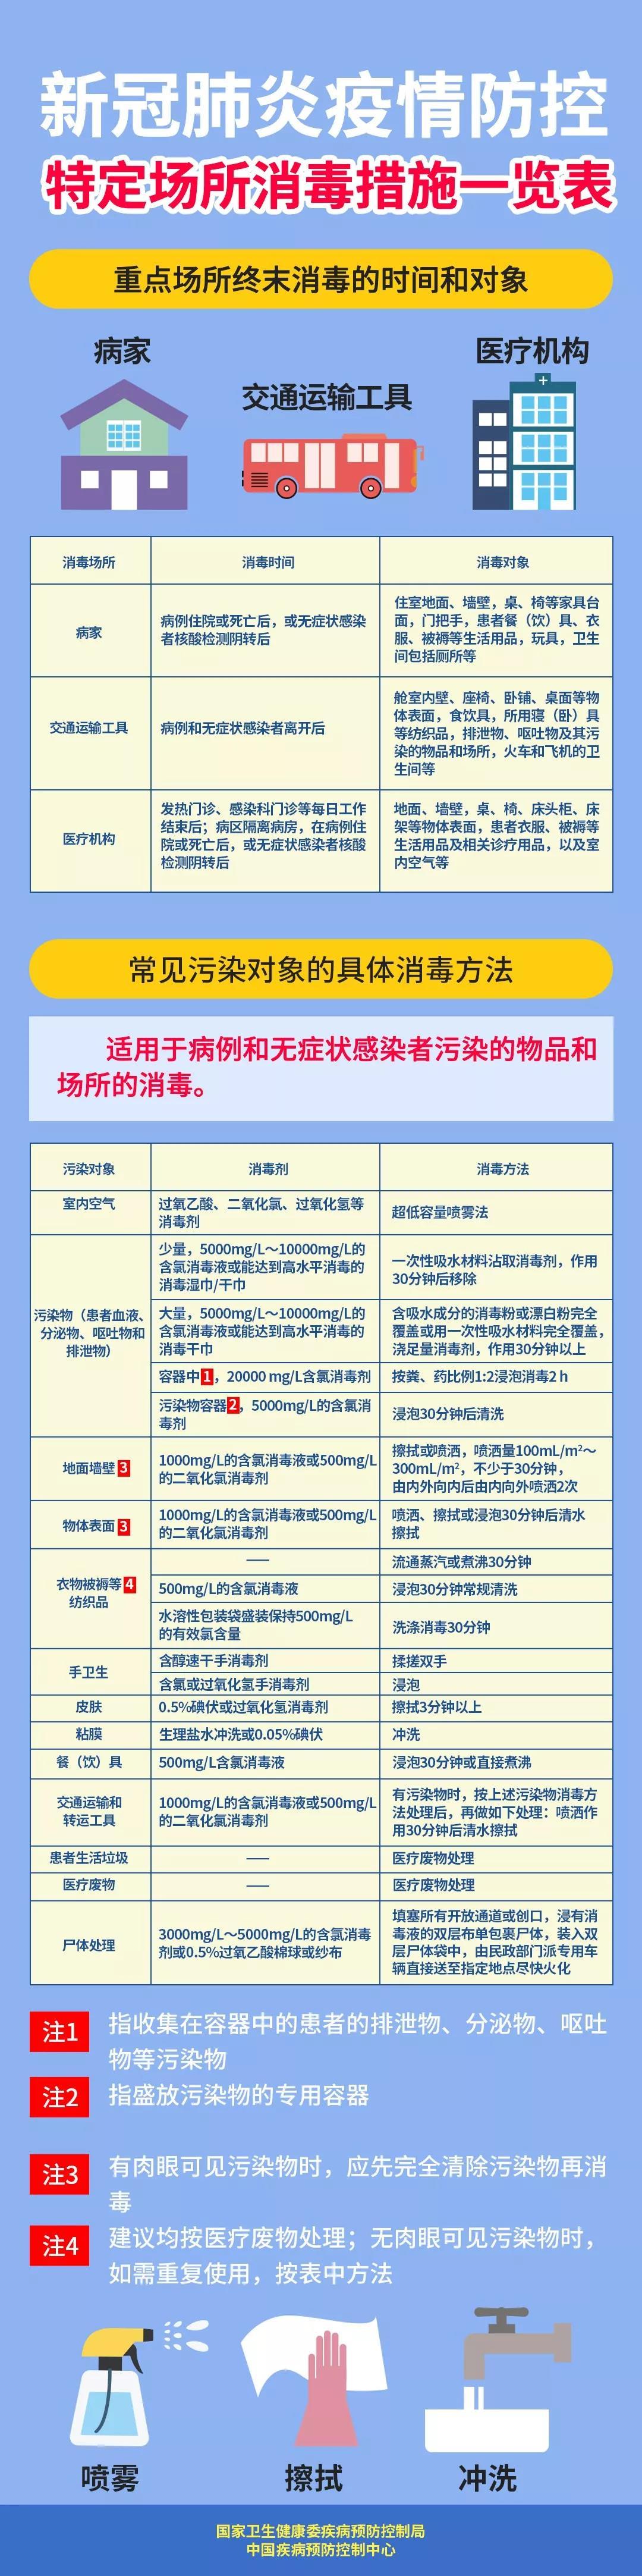 新冠肺炎疫情防控 特定场所消毒措施一览表.jpg